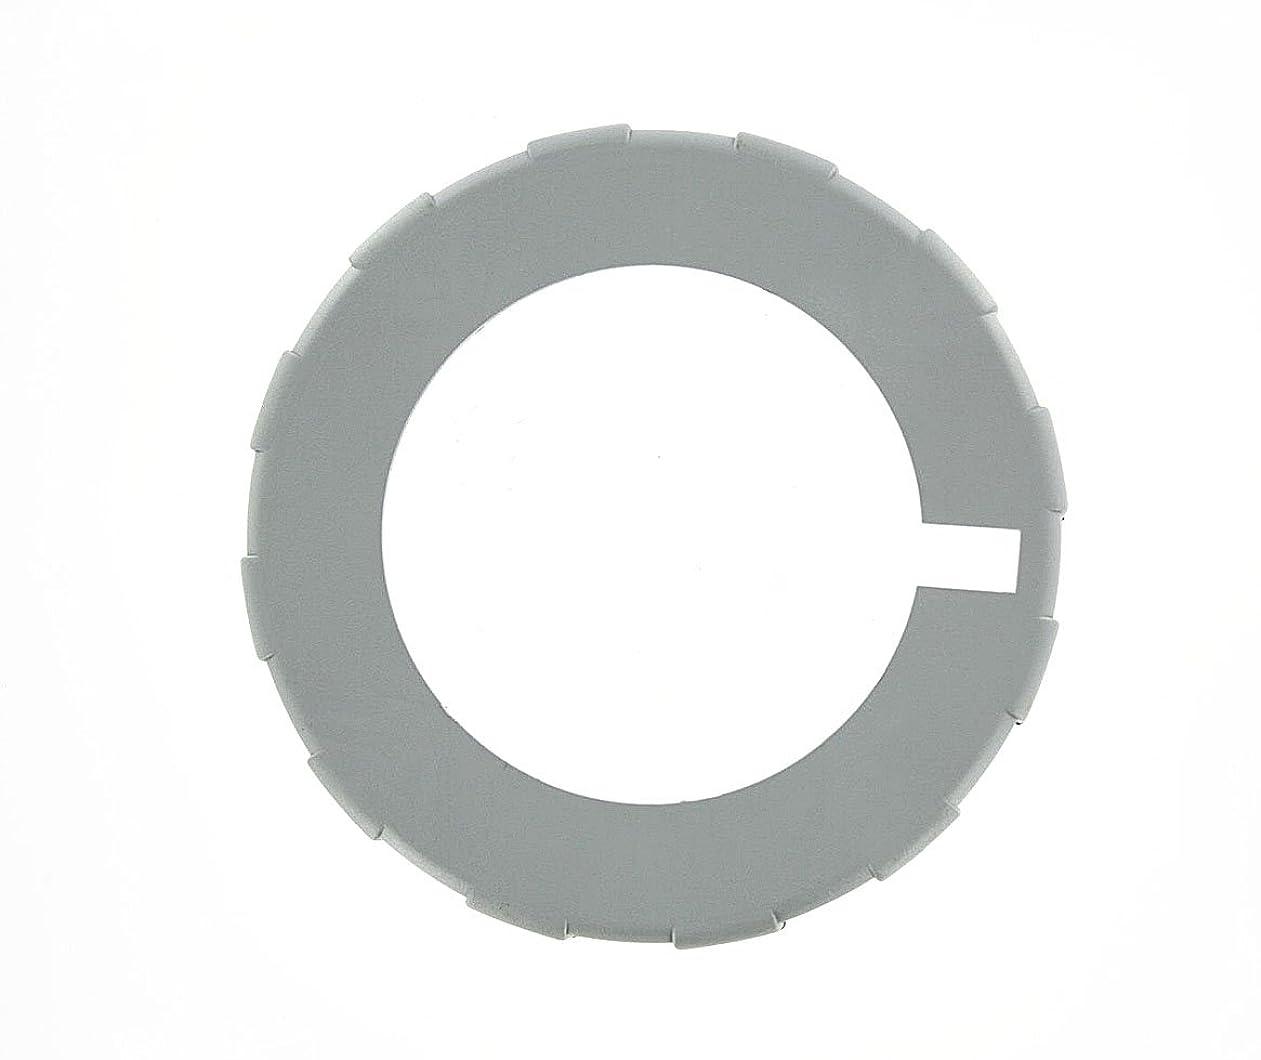 添加単なる仮説Leviton RA530 ロックリング ピンとスリーブのインレットとプラグ用 30アンペア 5ワイヤー IP67 防水 グレー